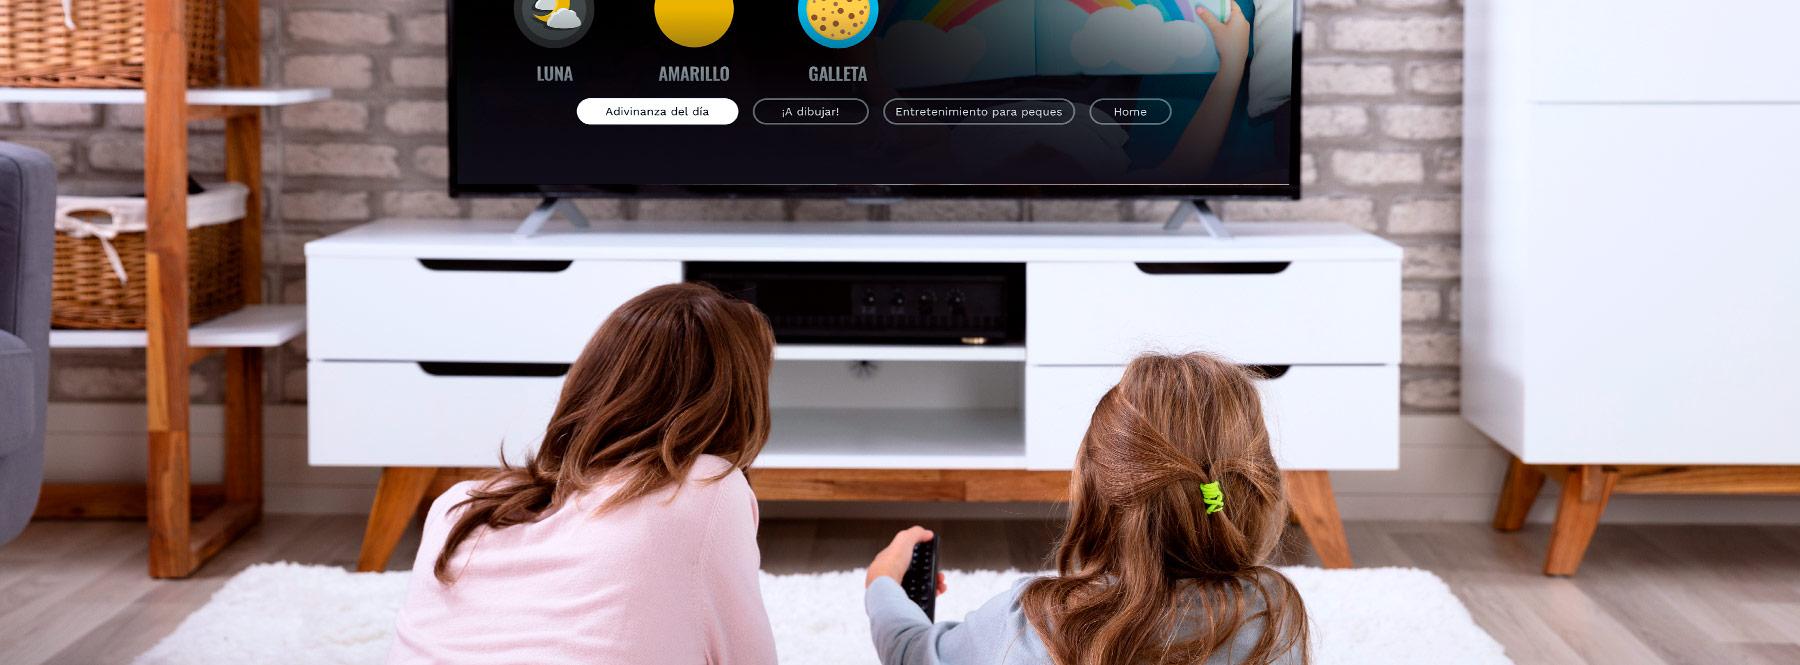 Living Apps para niños en Movistar+: juega y aprende con tus hijos